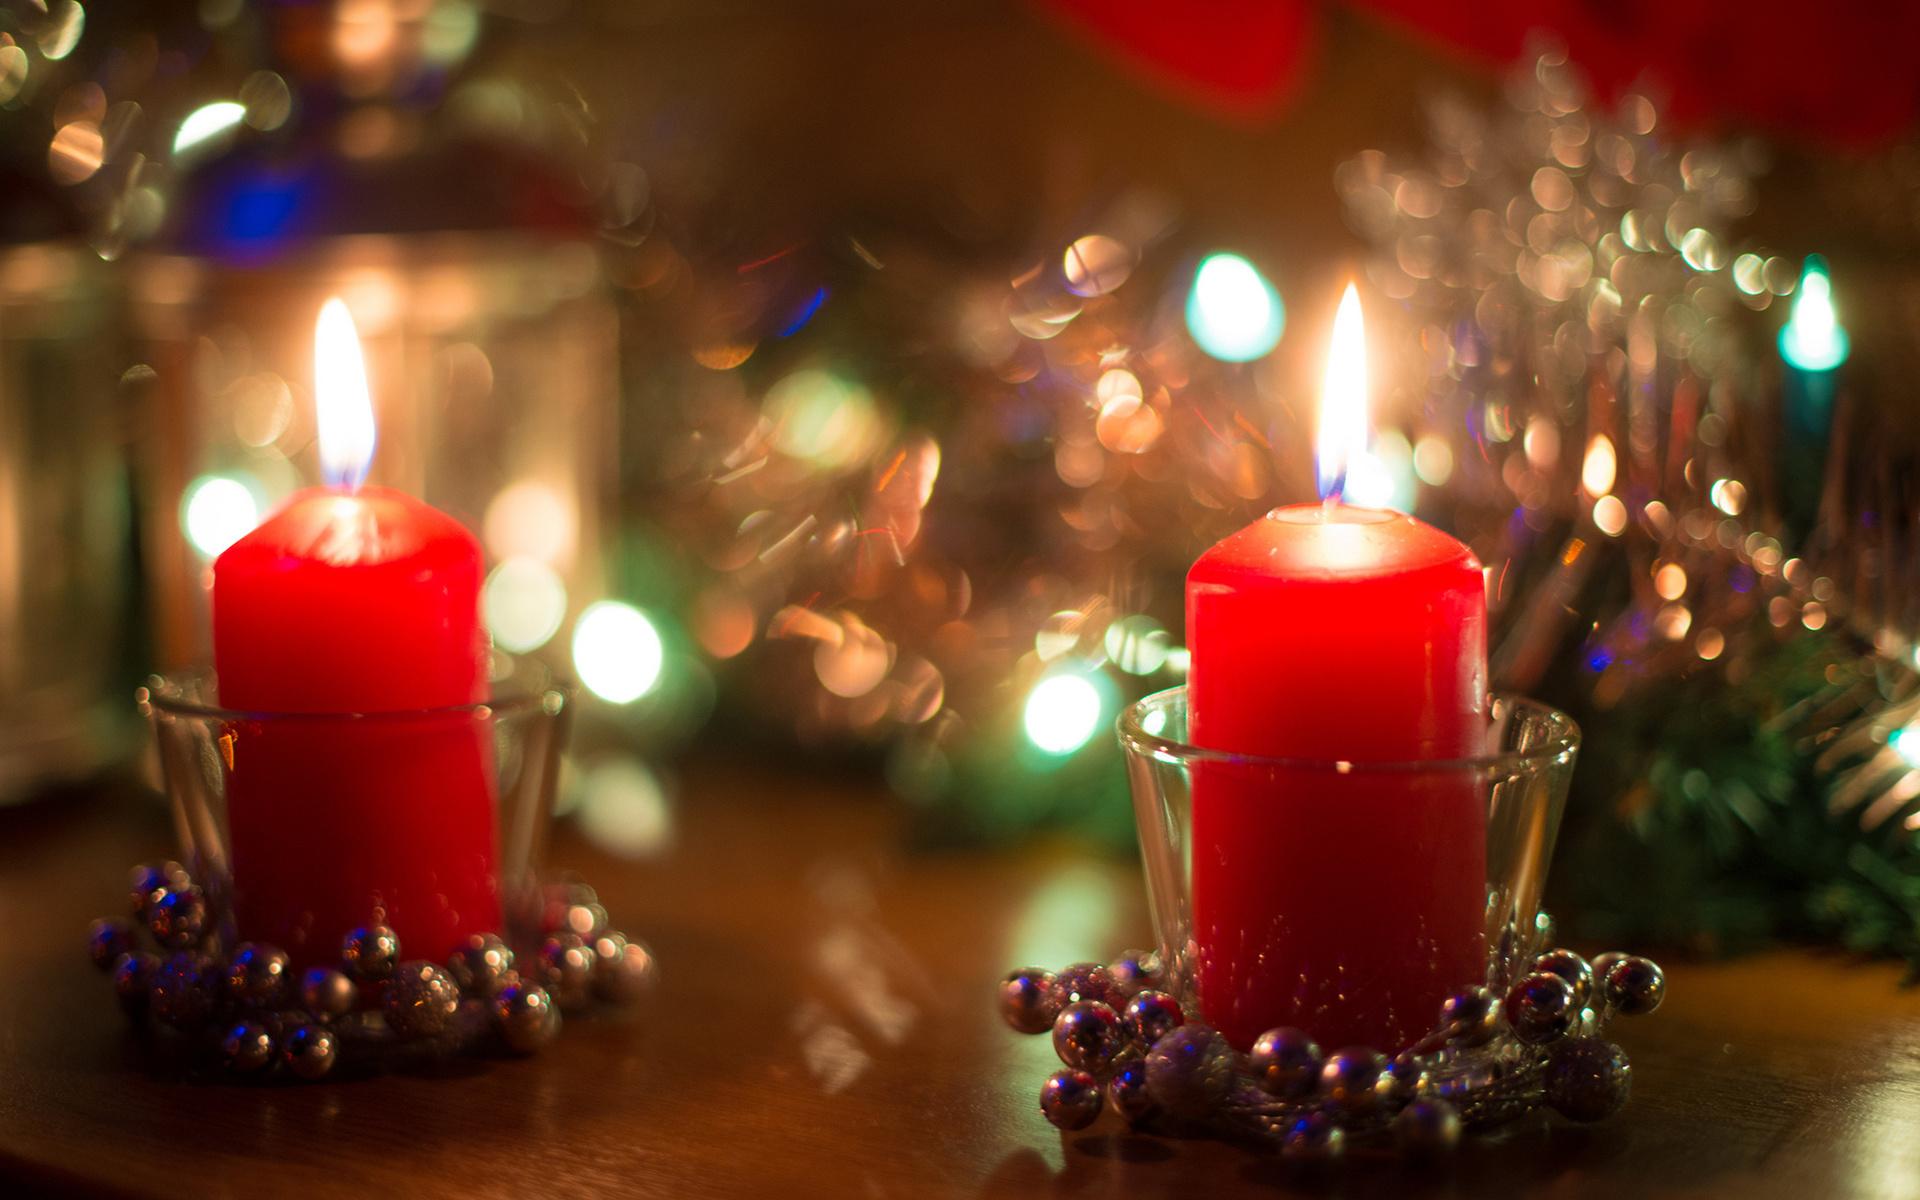 совами картинки с красными свечами причина связана